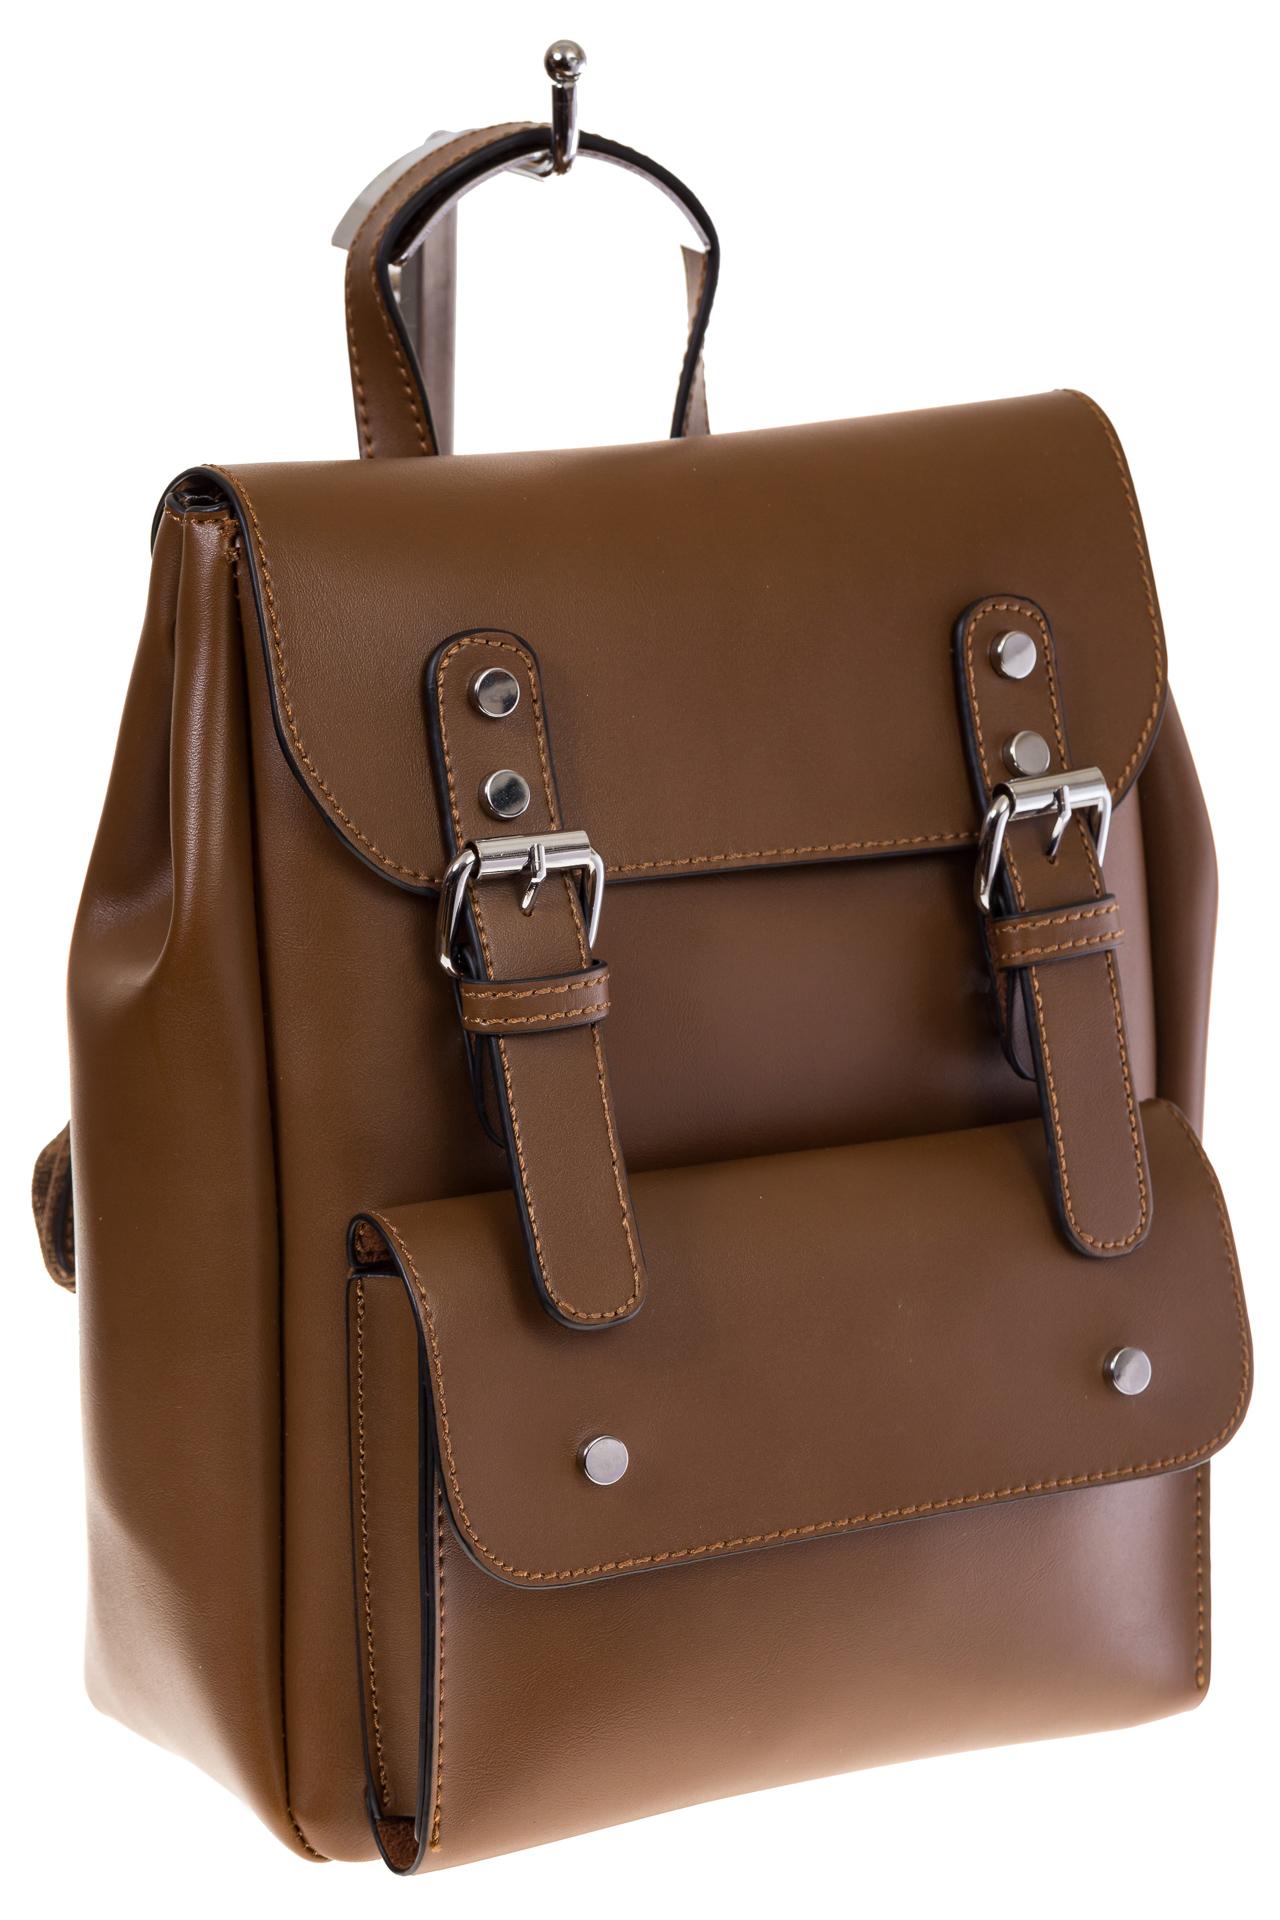 Купить оптом женский ранец из эко-кожи, цвет коричневый, фото